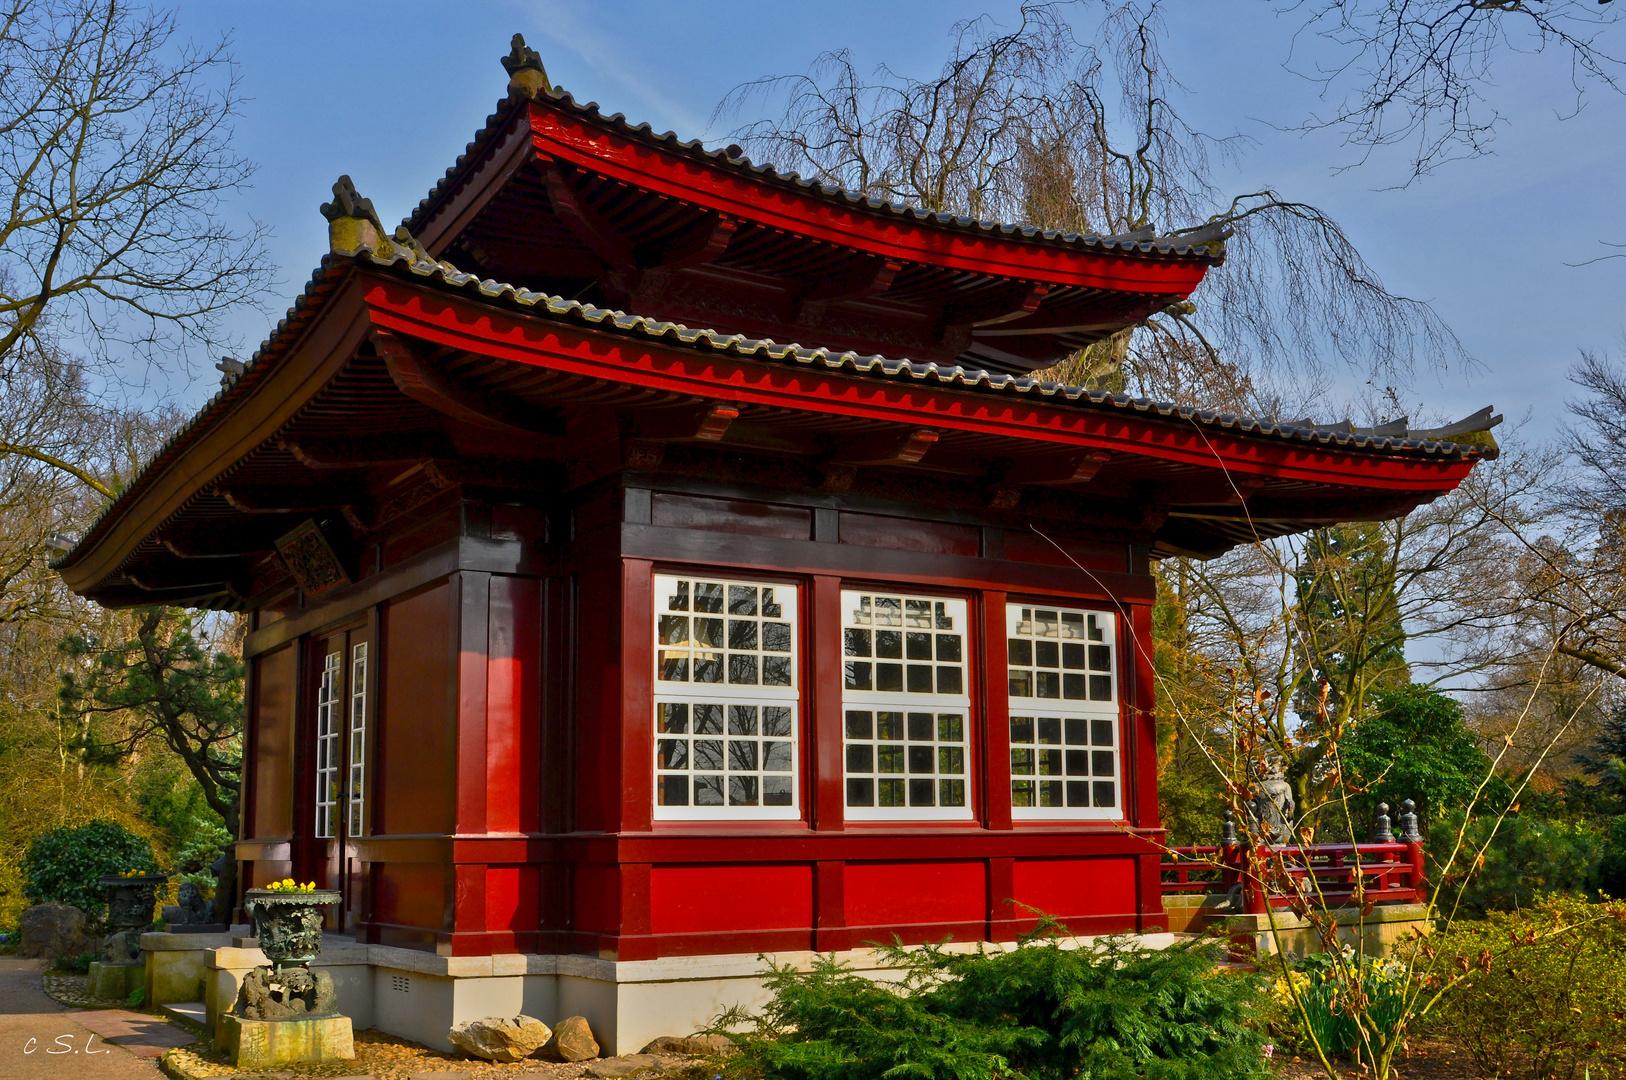 Der japanische garten in leverkusen foto bild for Japanische garten bilder